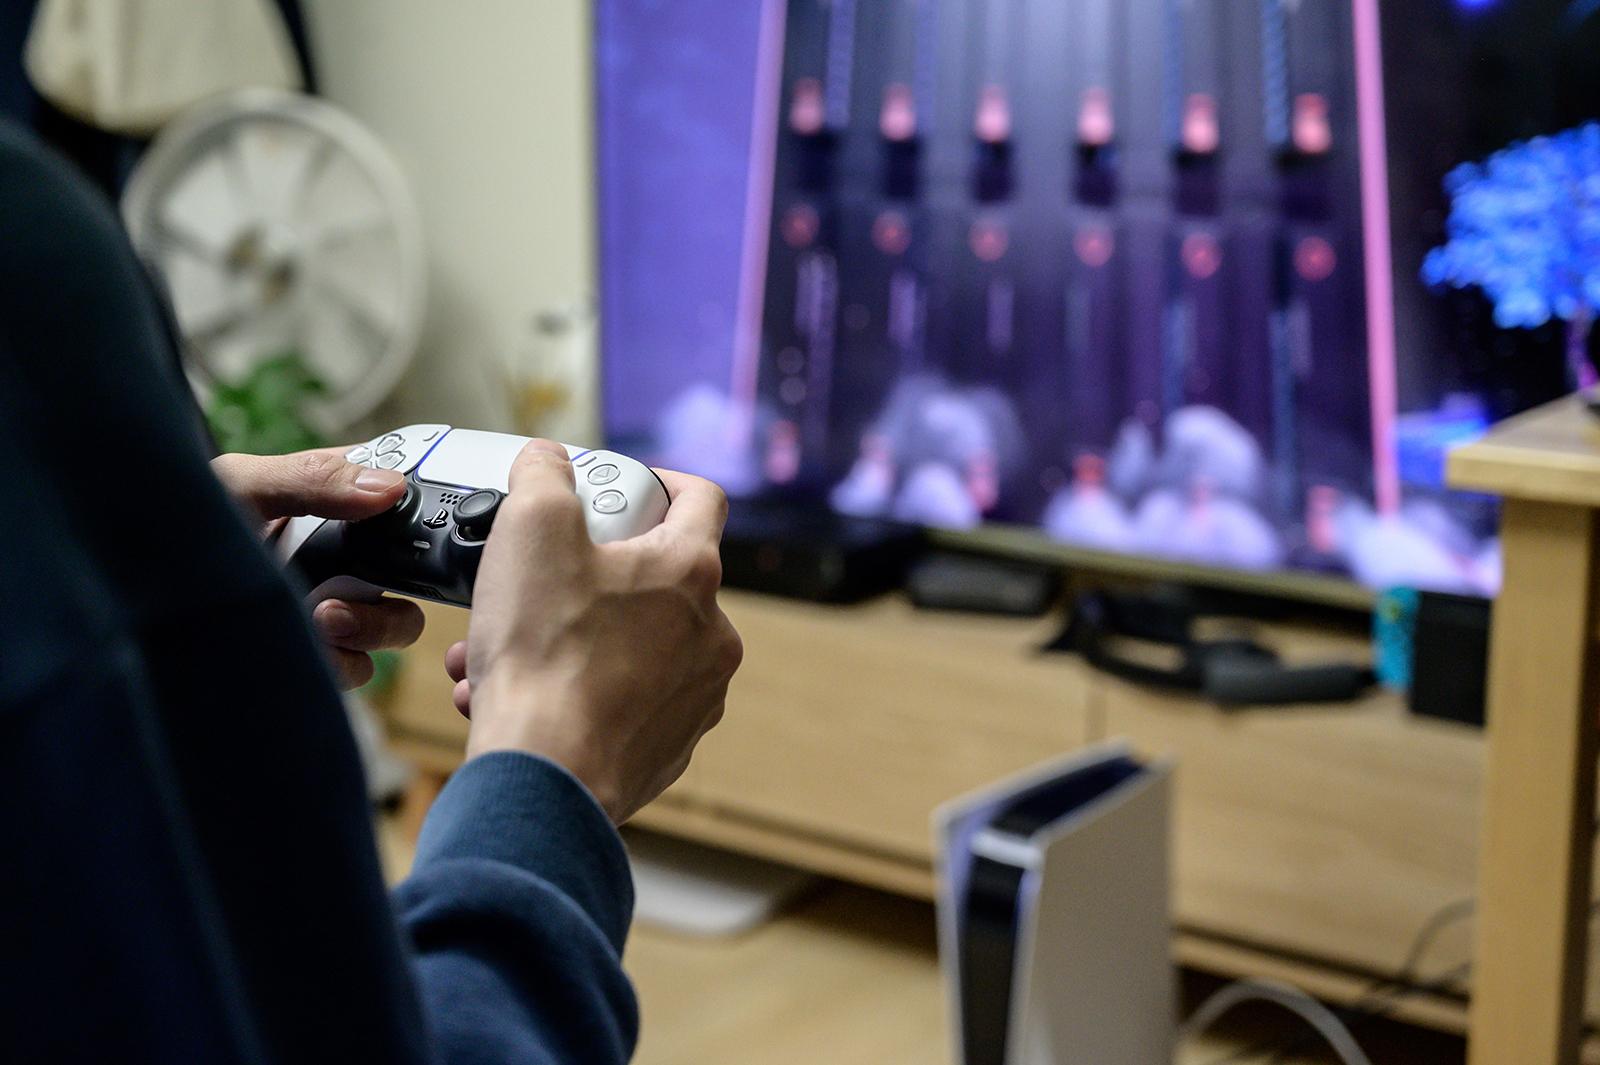 在2020年11月12日拍攝的照片中,在索尼在全球特定市場推出新遊戲機之後,遊戲玩家在其位於漢城的家中使用新的索尼Playstation PS5。  (Yelim LEE /法新社照片)(YELIM LEE / AFP攝影:Getty Images)